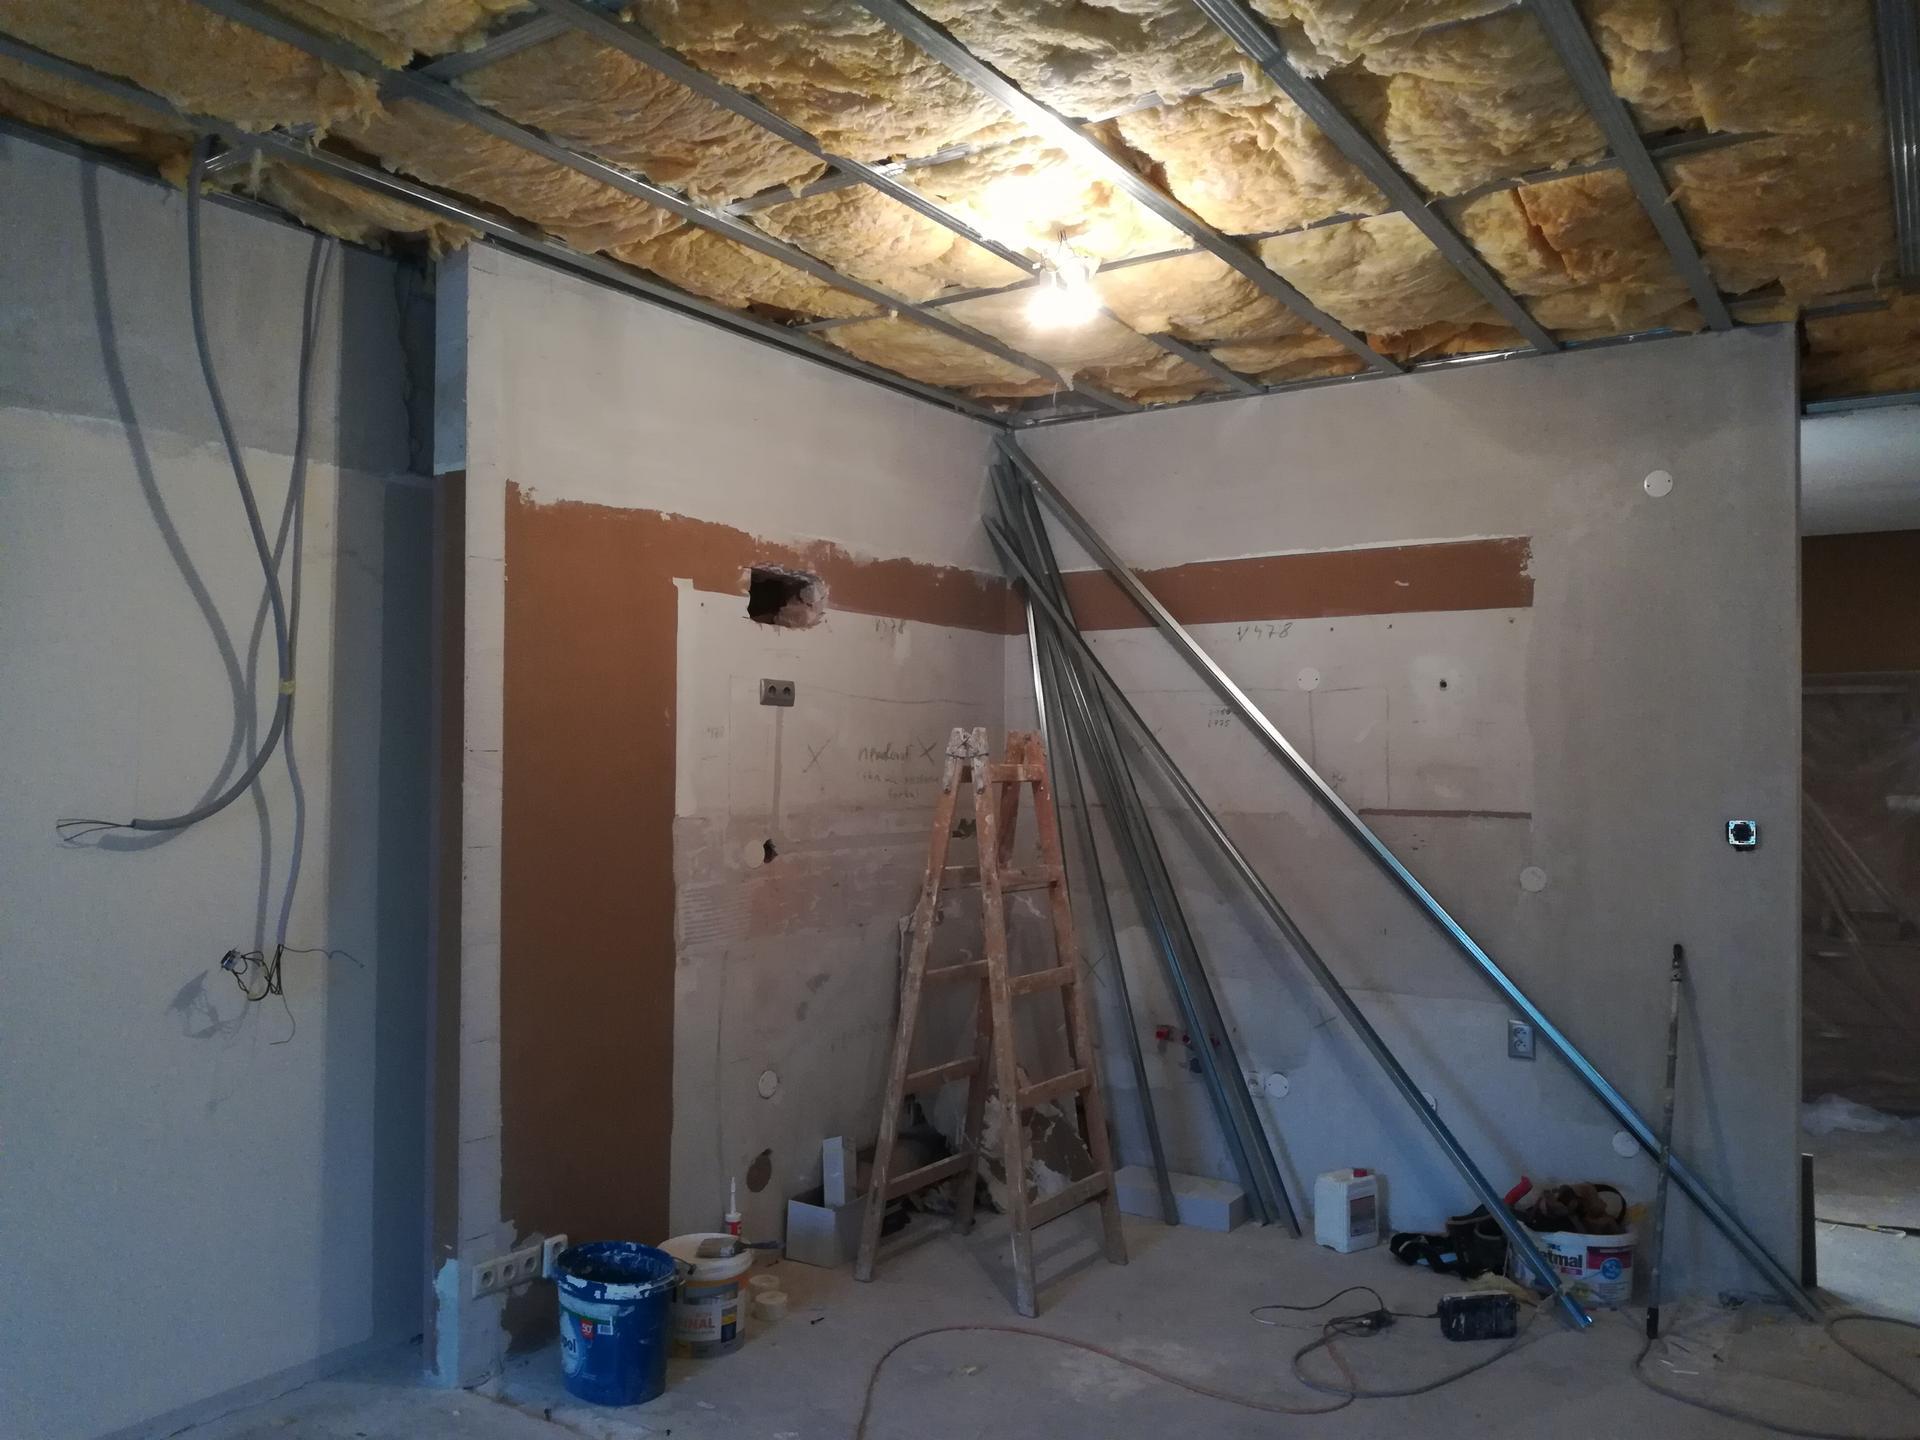 Kuchyňa 2 - Domurovaná priečka a zateplenie od stropu.